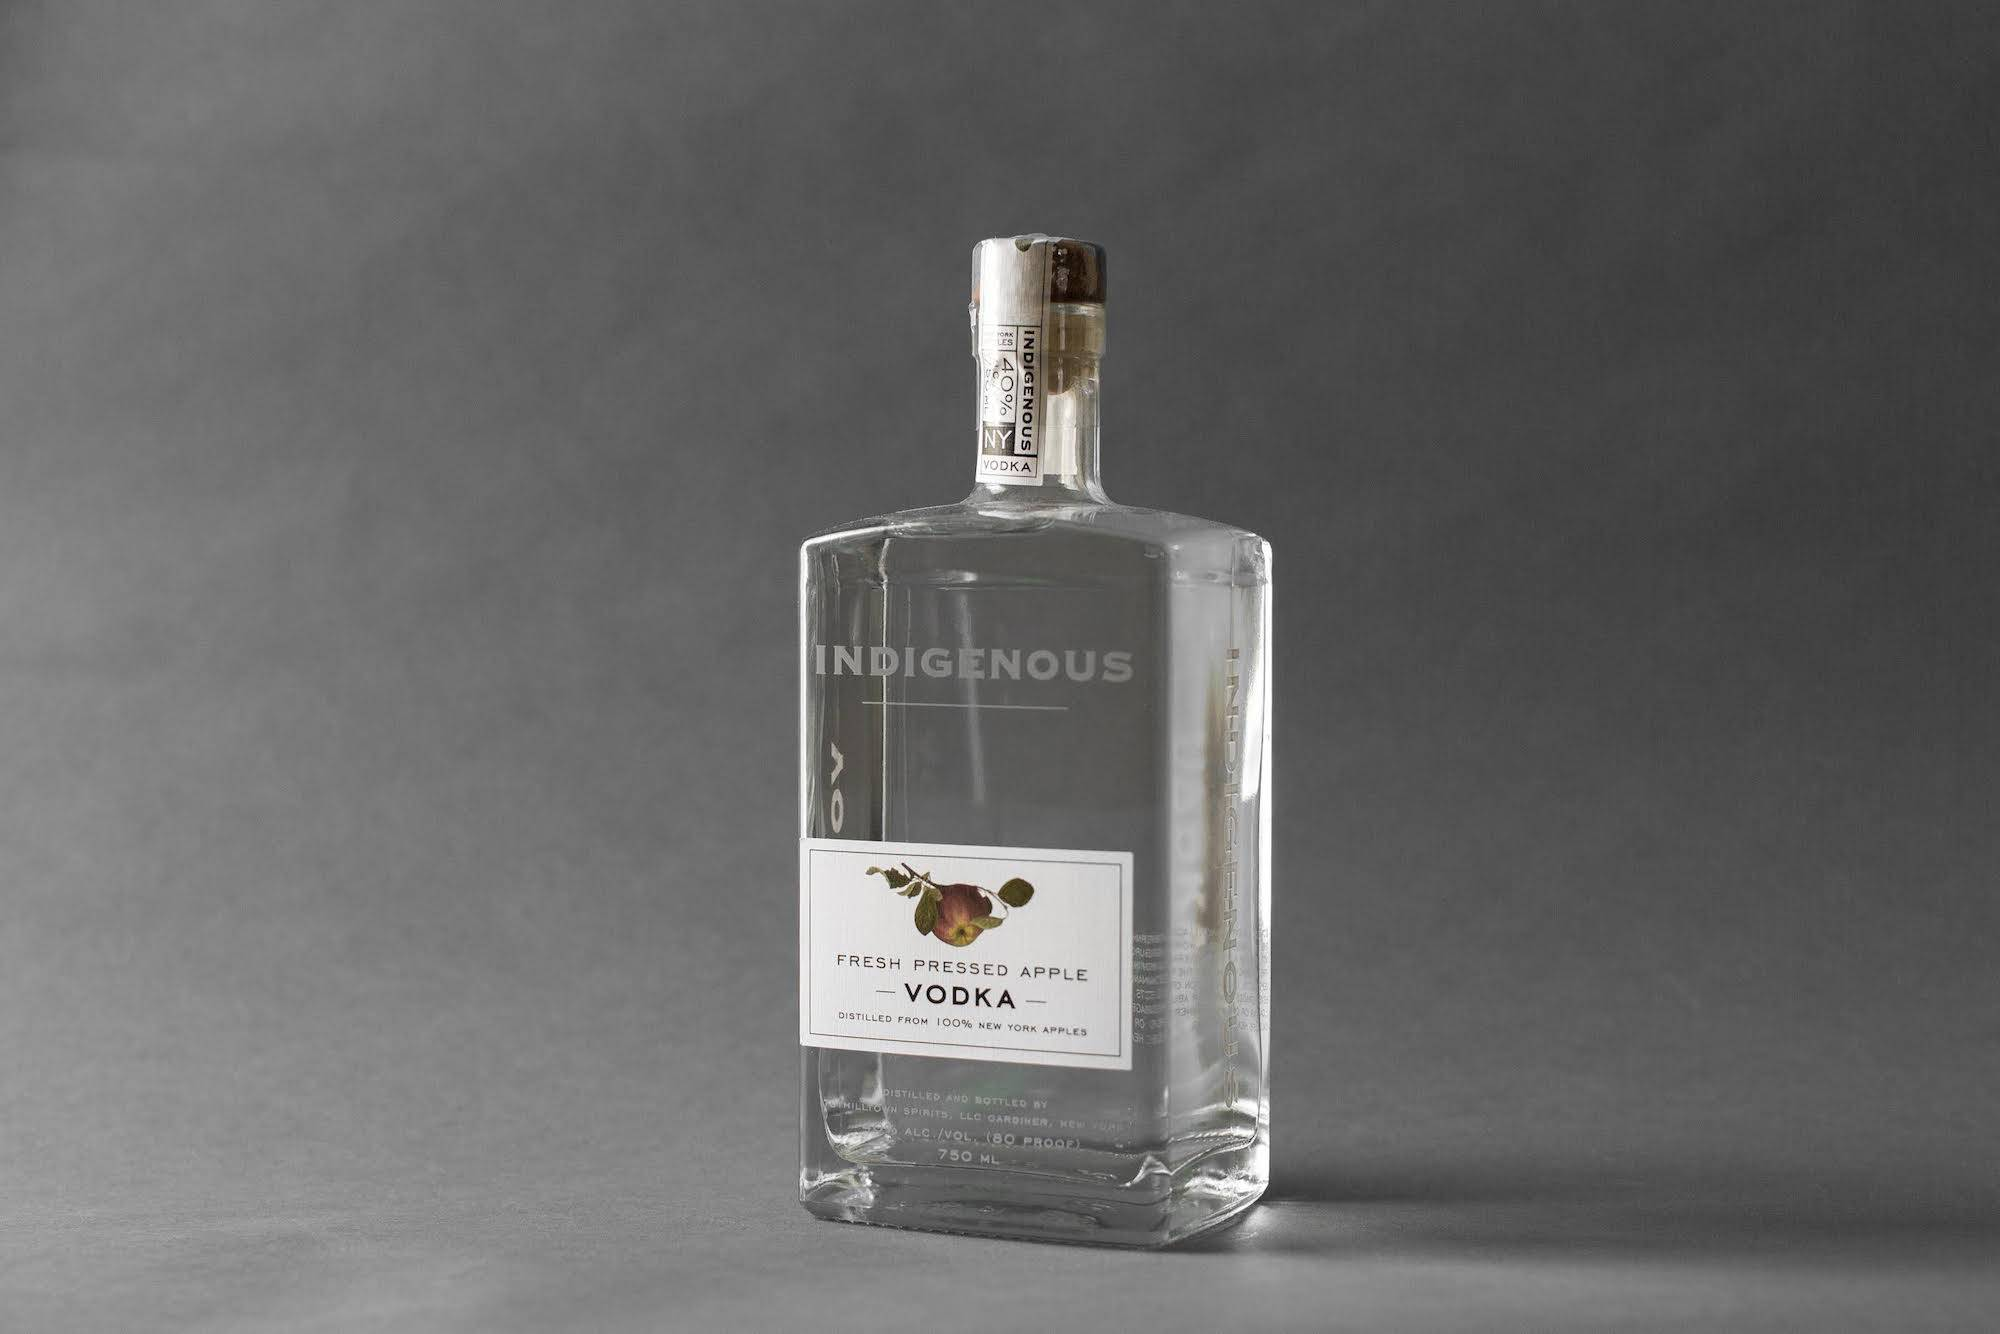 Делаем и пробуем виноградную водку. название и особенности производства в разных странах | про самогон и другие напитки ? | яндекс дзен